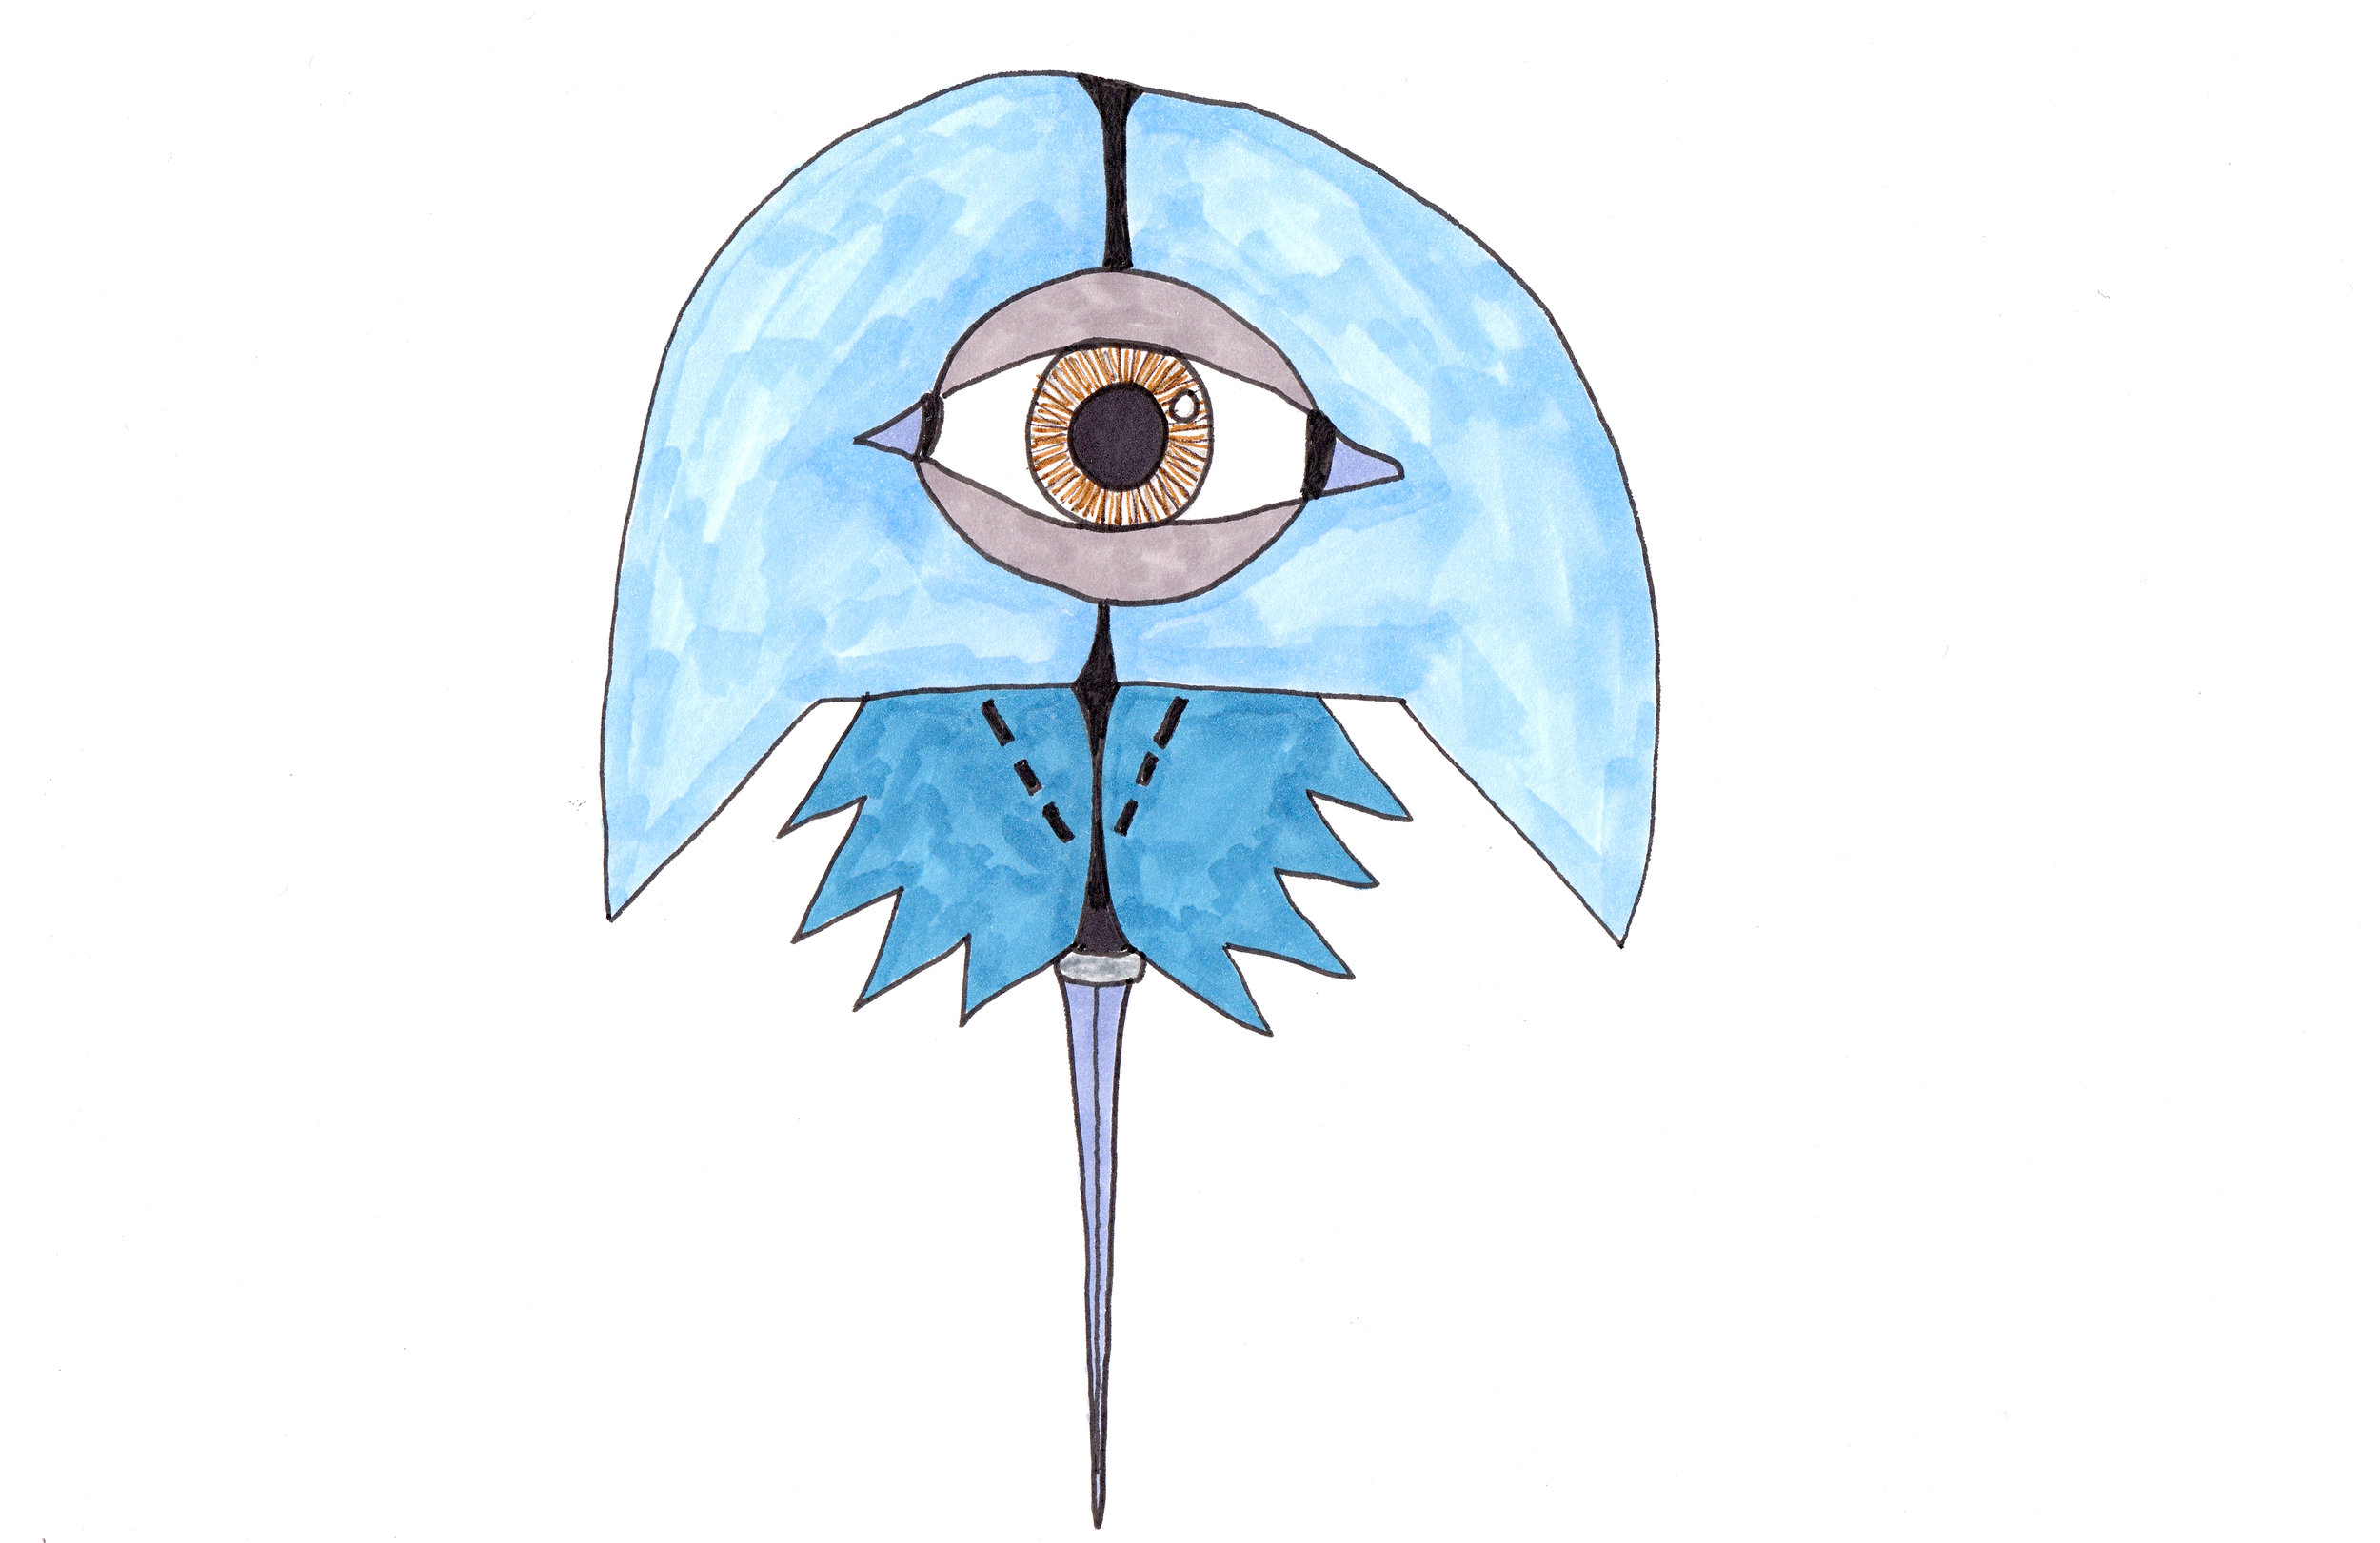 Horseshoe crab blue for website.jpg